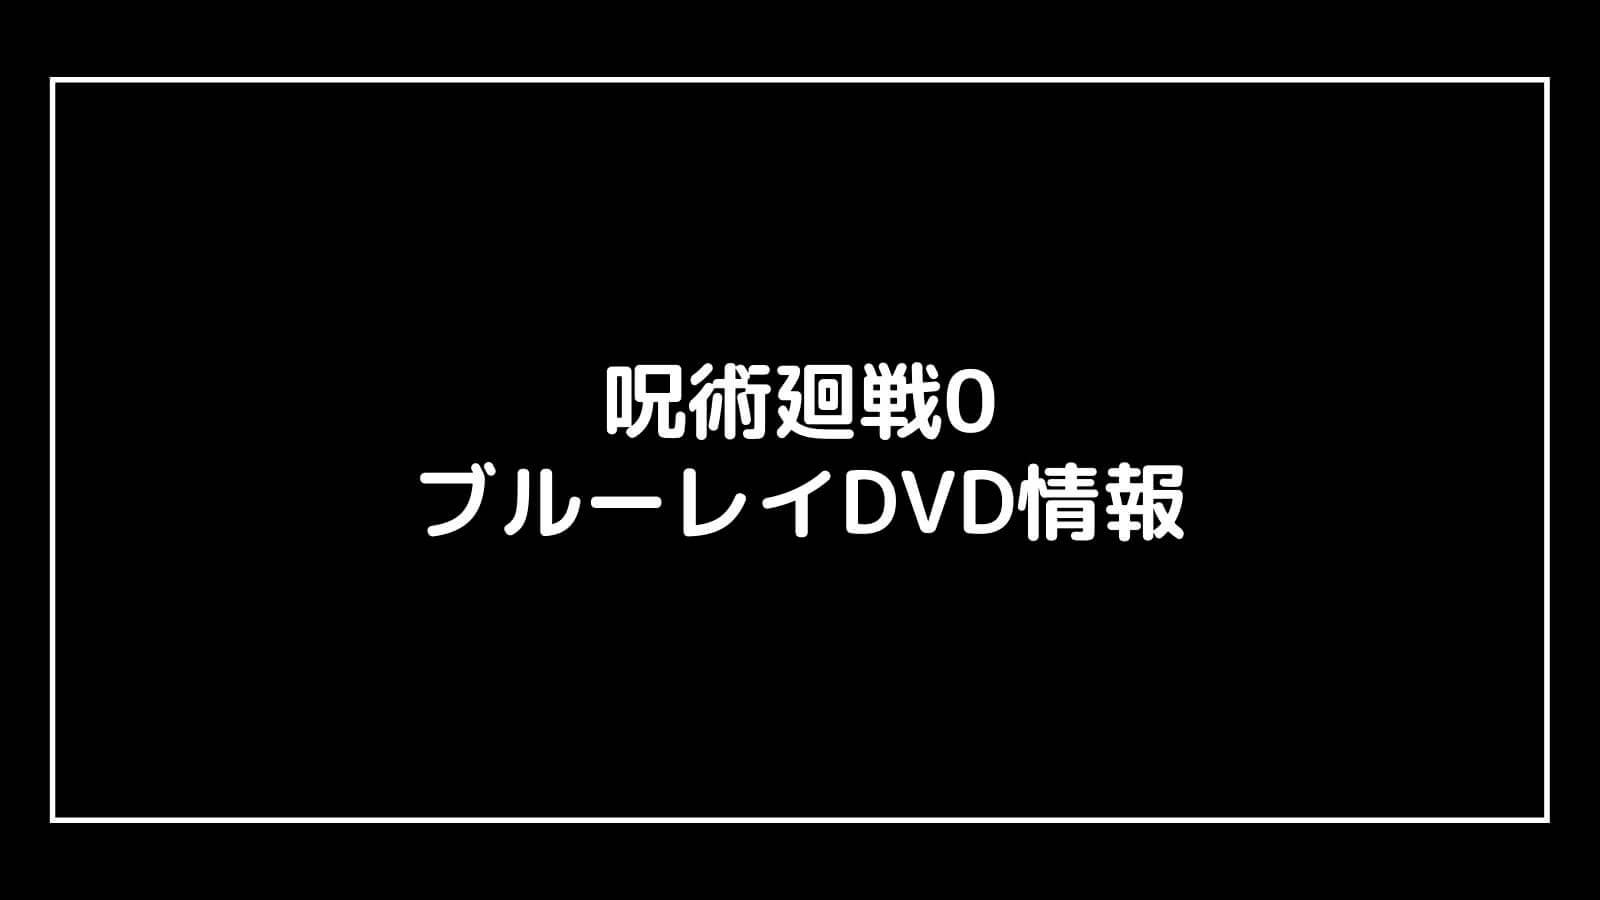 映画『呪術廻戦0』のDVD発売日と予約開始日はいつから?円盤情報まとめ